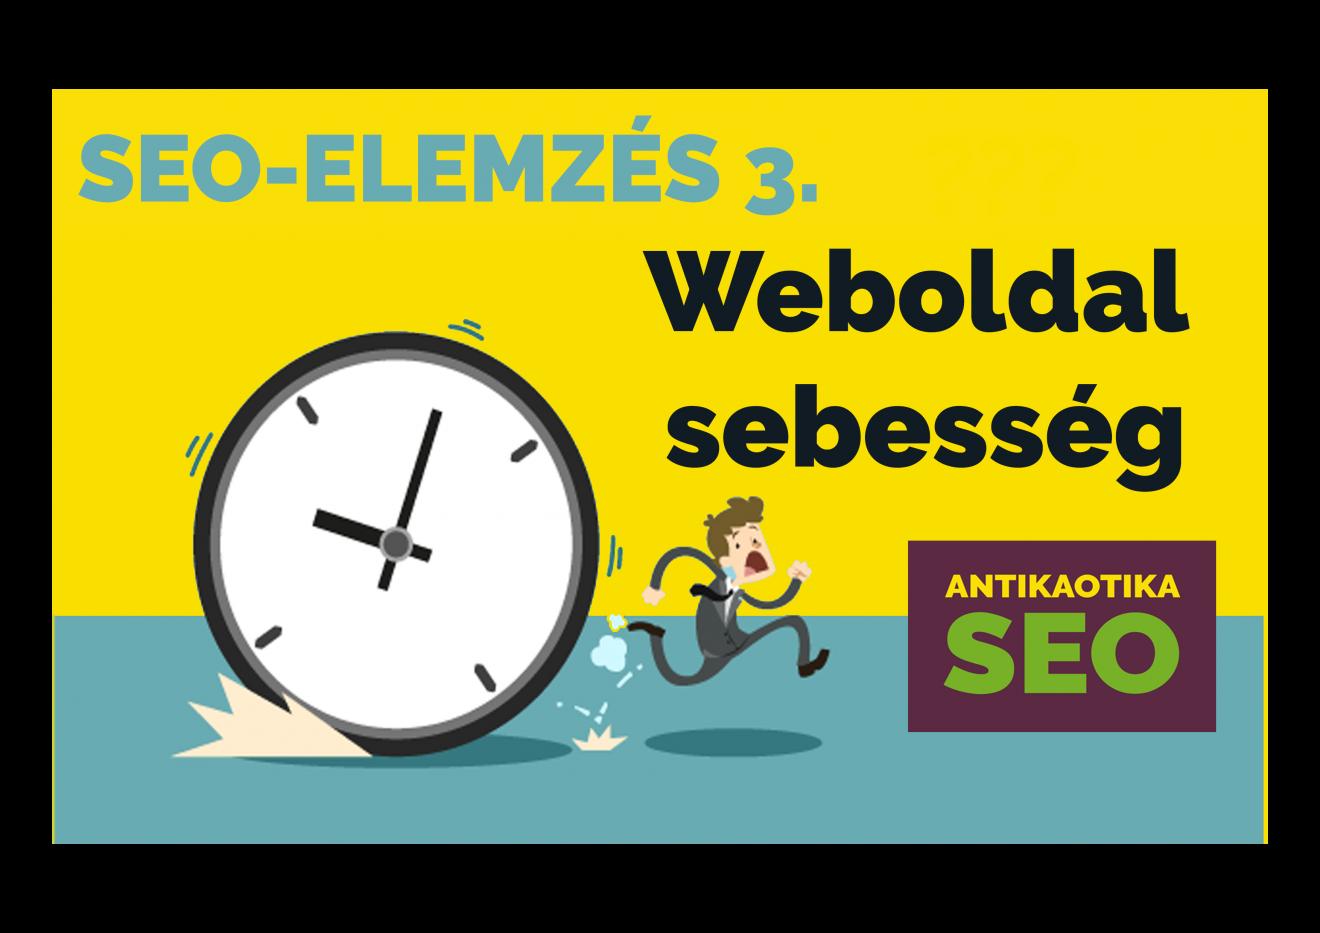 weboldal sebesség teszt, optimaliálás